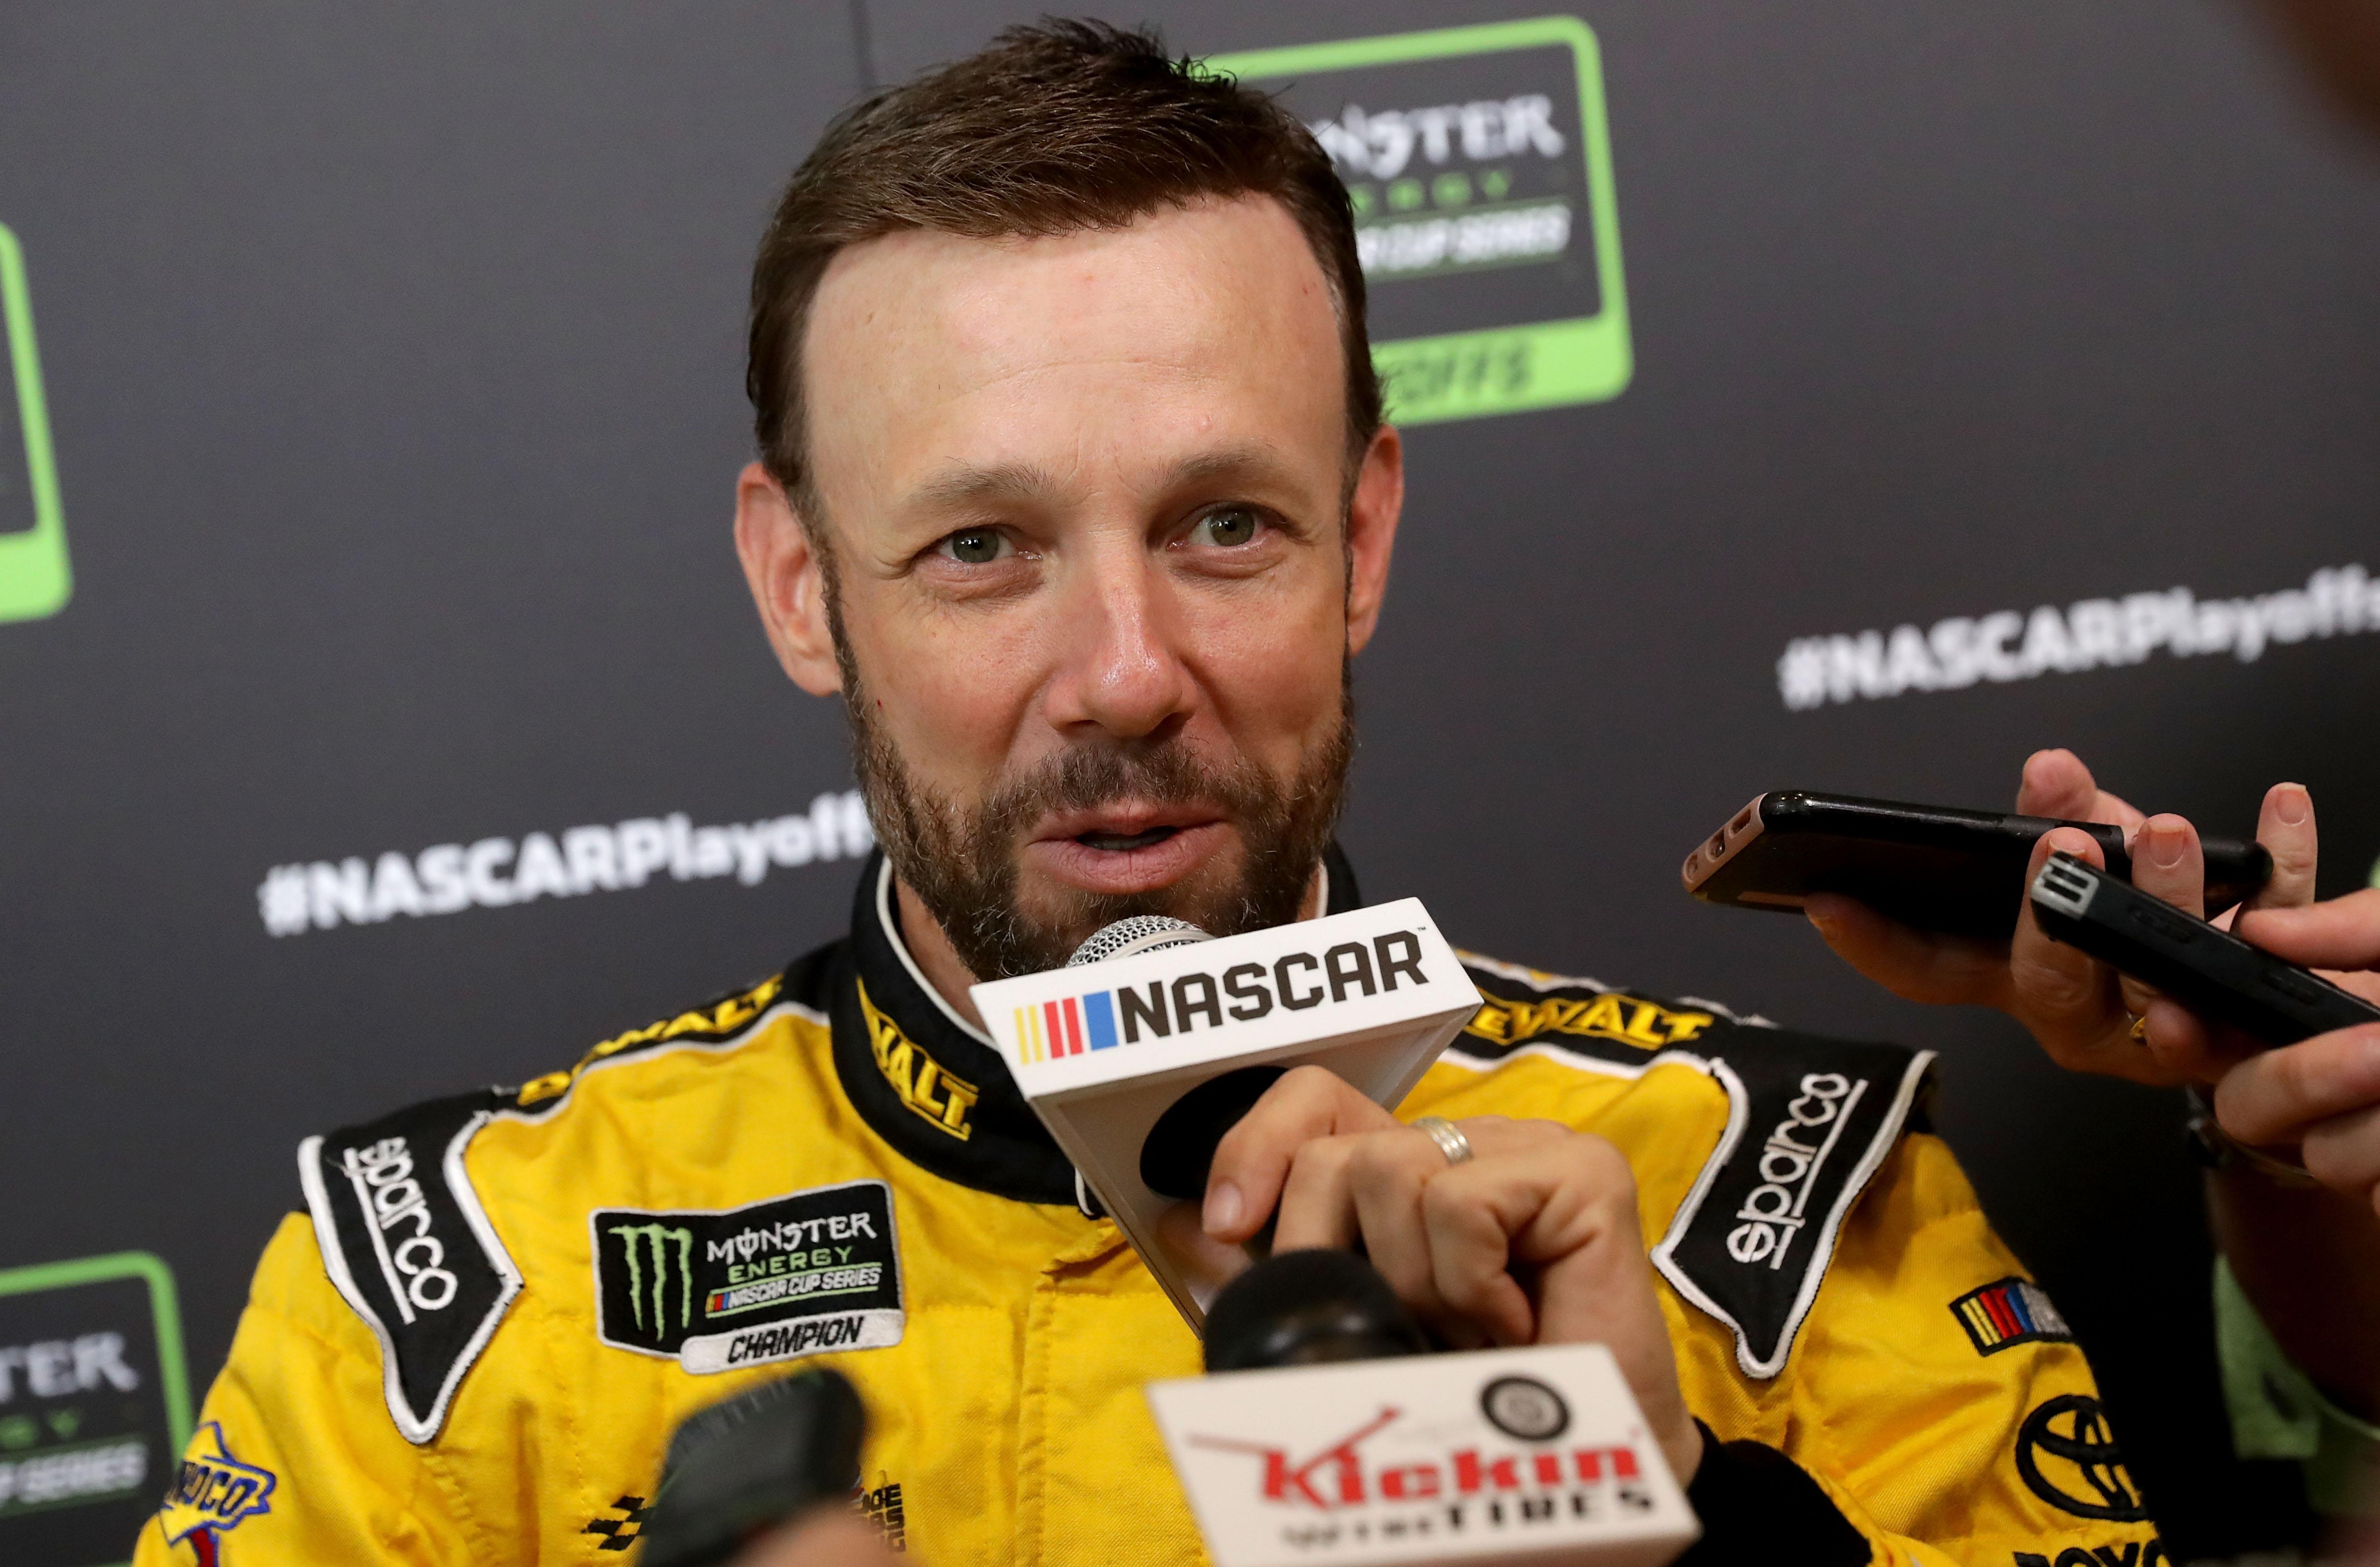 Matt Kenseth comments on NASCAR ambulances